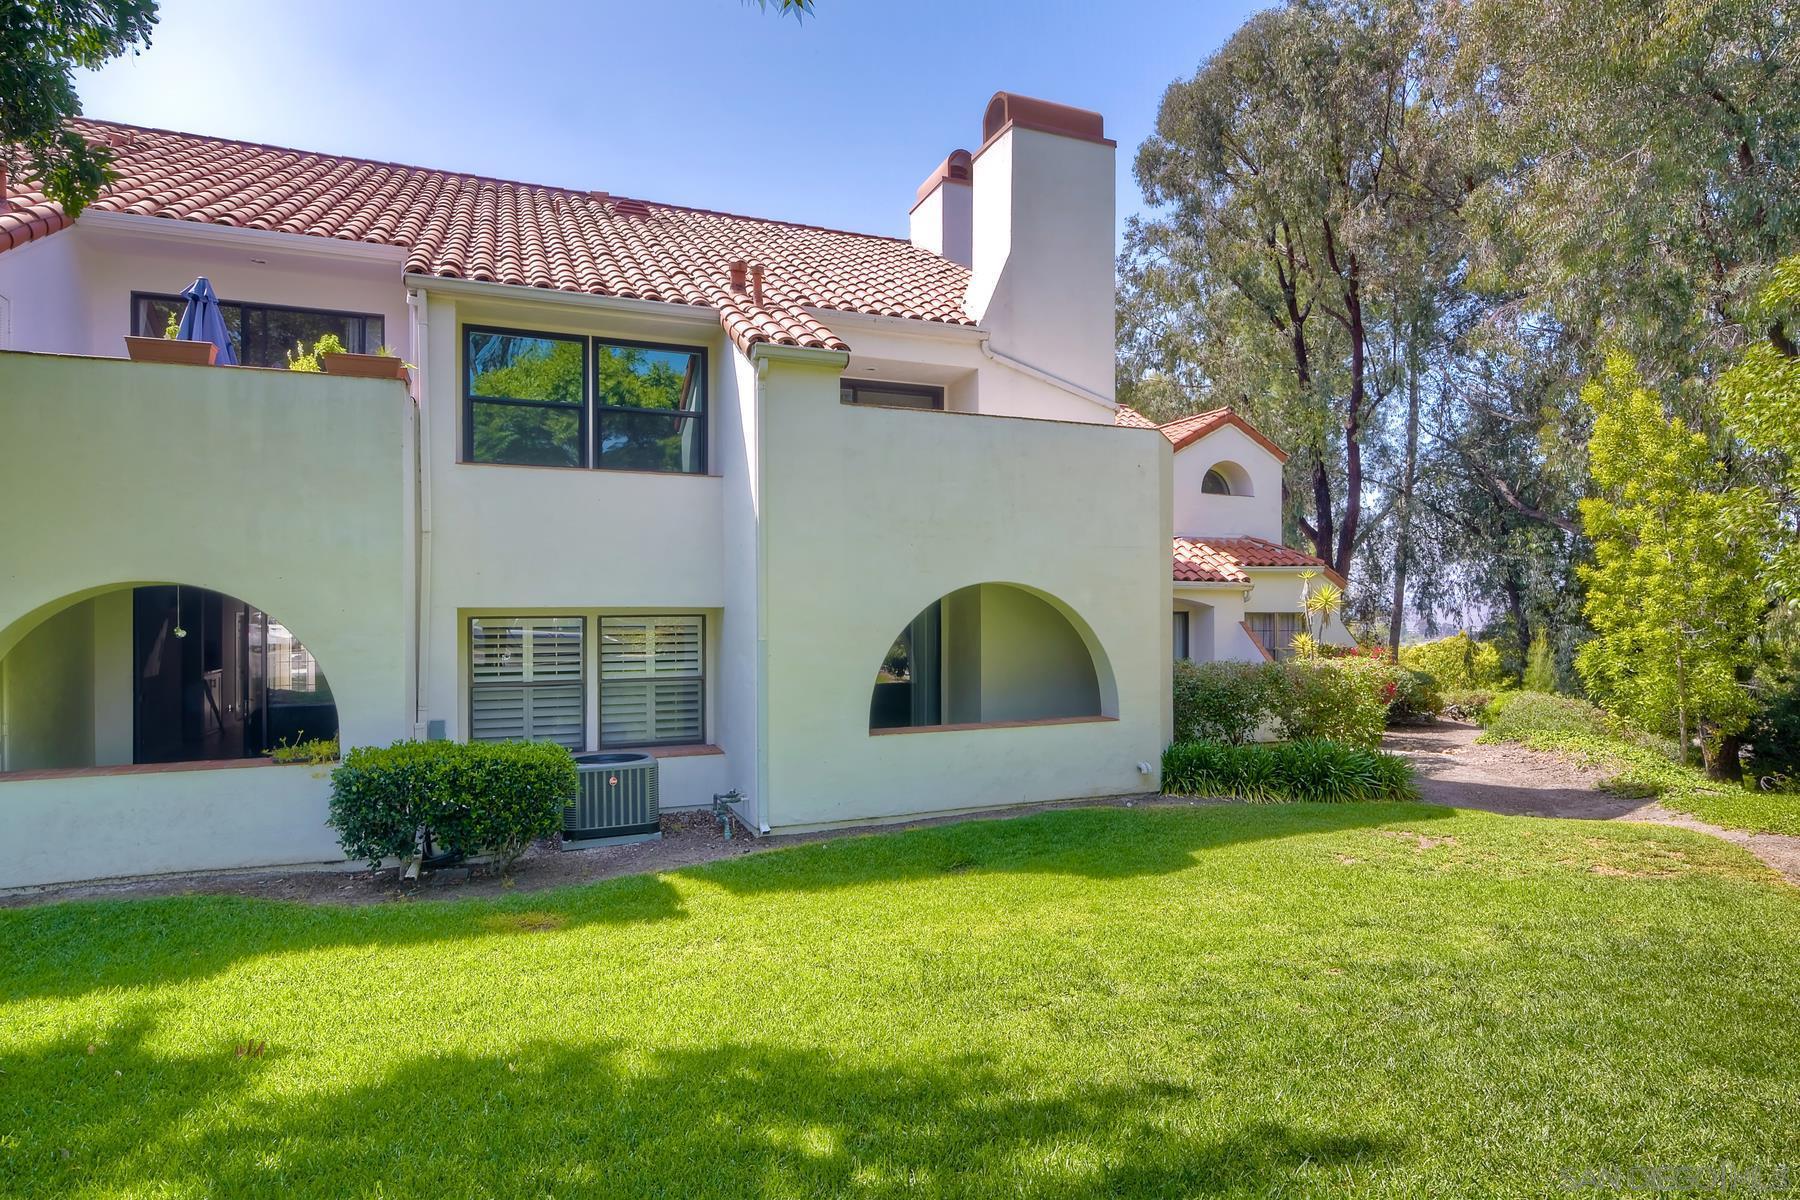 16110 Avenida Venusto 4, San Diego, CA 92128